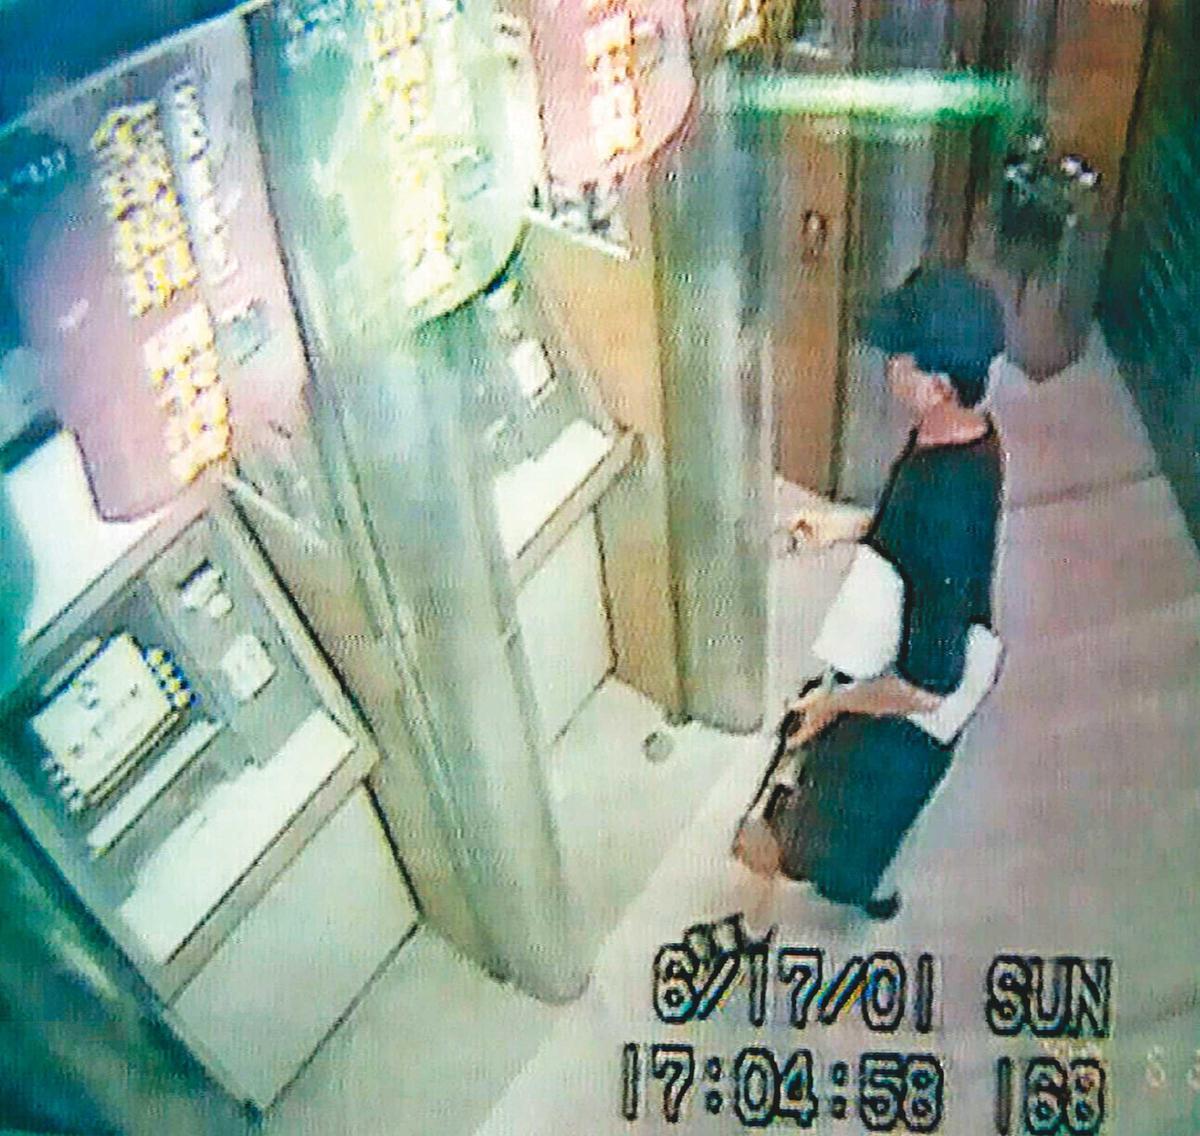 張靜華失蹤後,曾有女子持其提款卡領錢,經查是凶嫌的妹妹(圖)。(翻攝畫面)